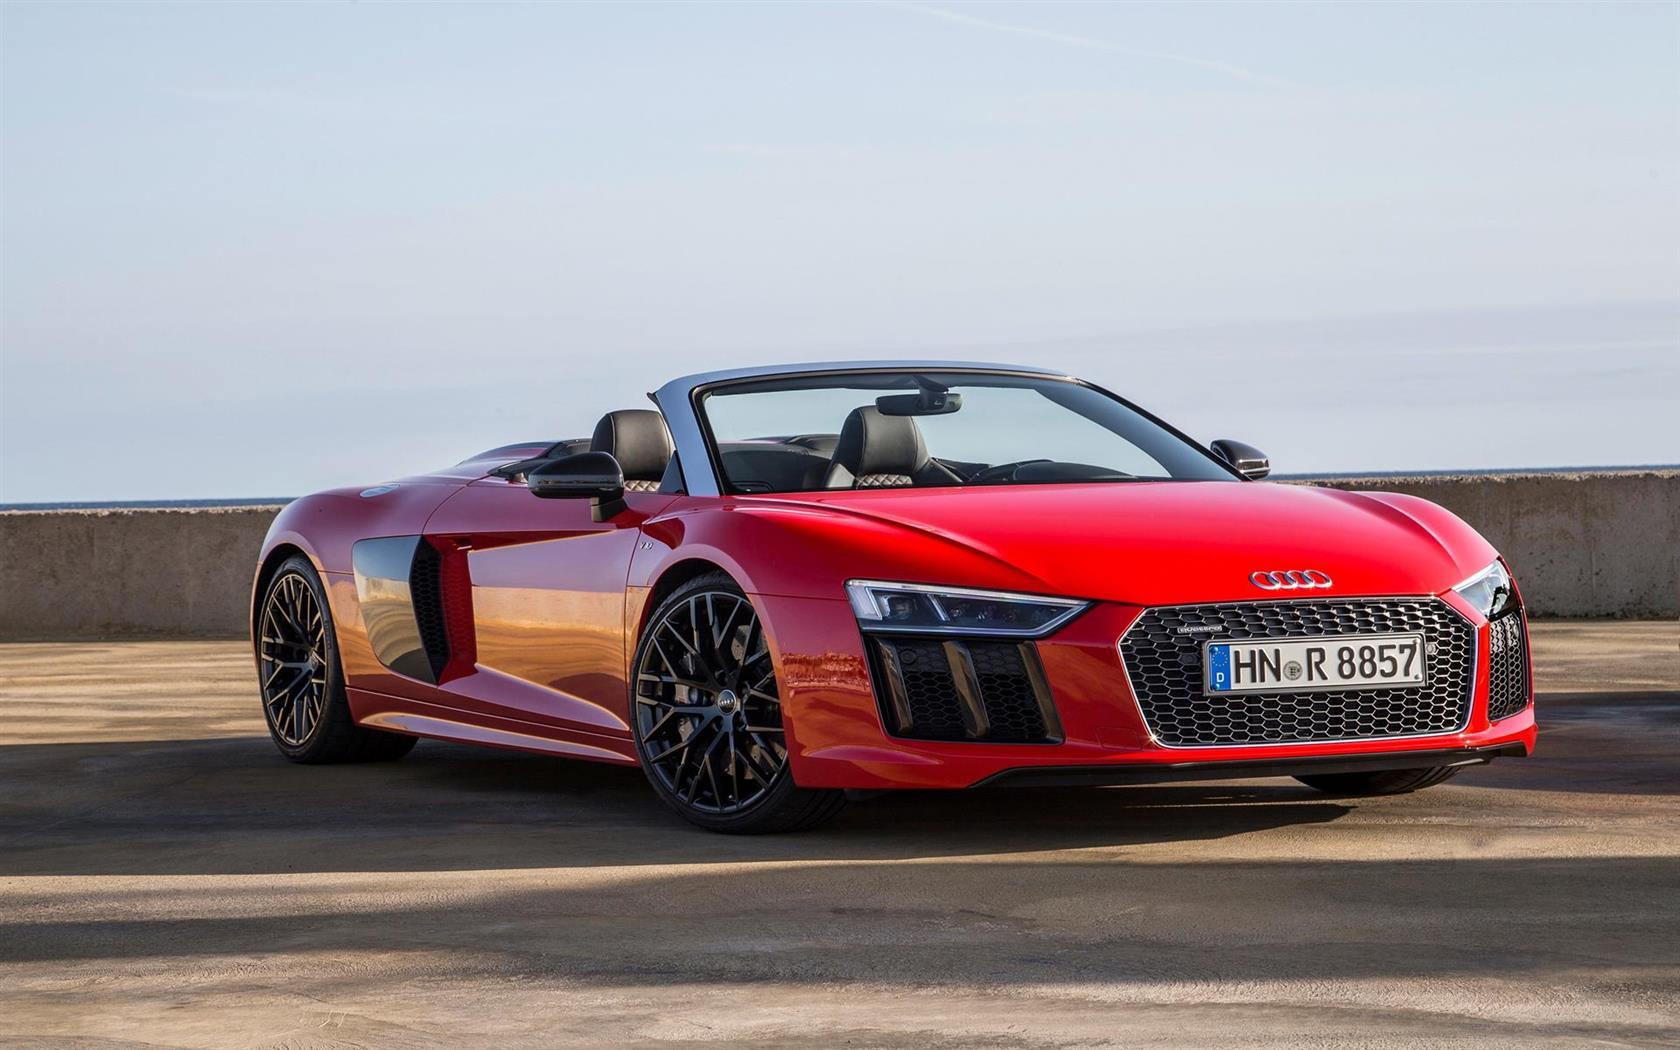 Audi audi r8 spyder v10 : 2017 Audi R8 Spyder V10 Image. https://www.conceptcarz.com/images ...